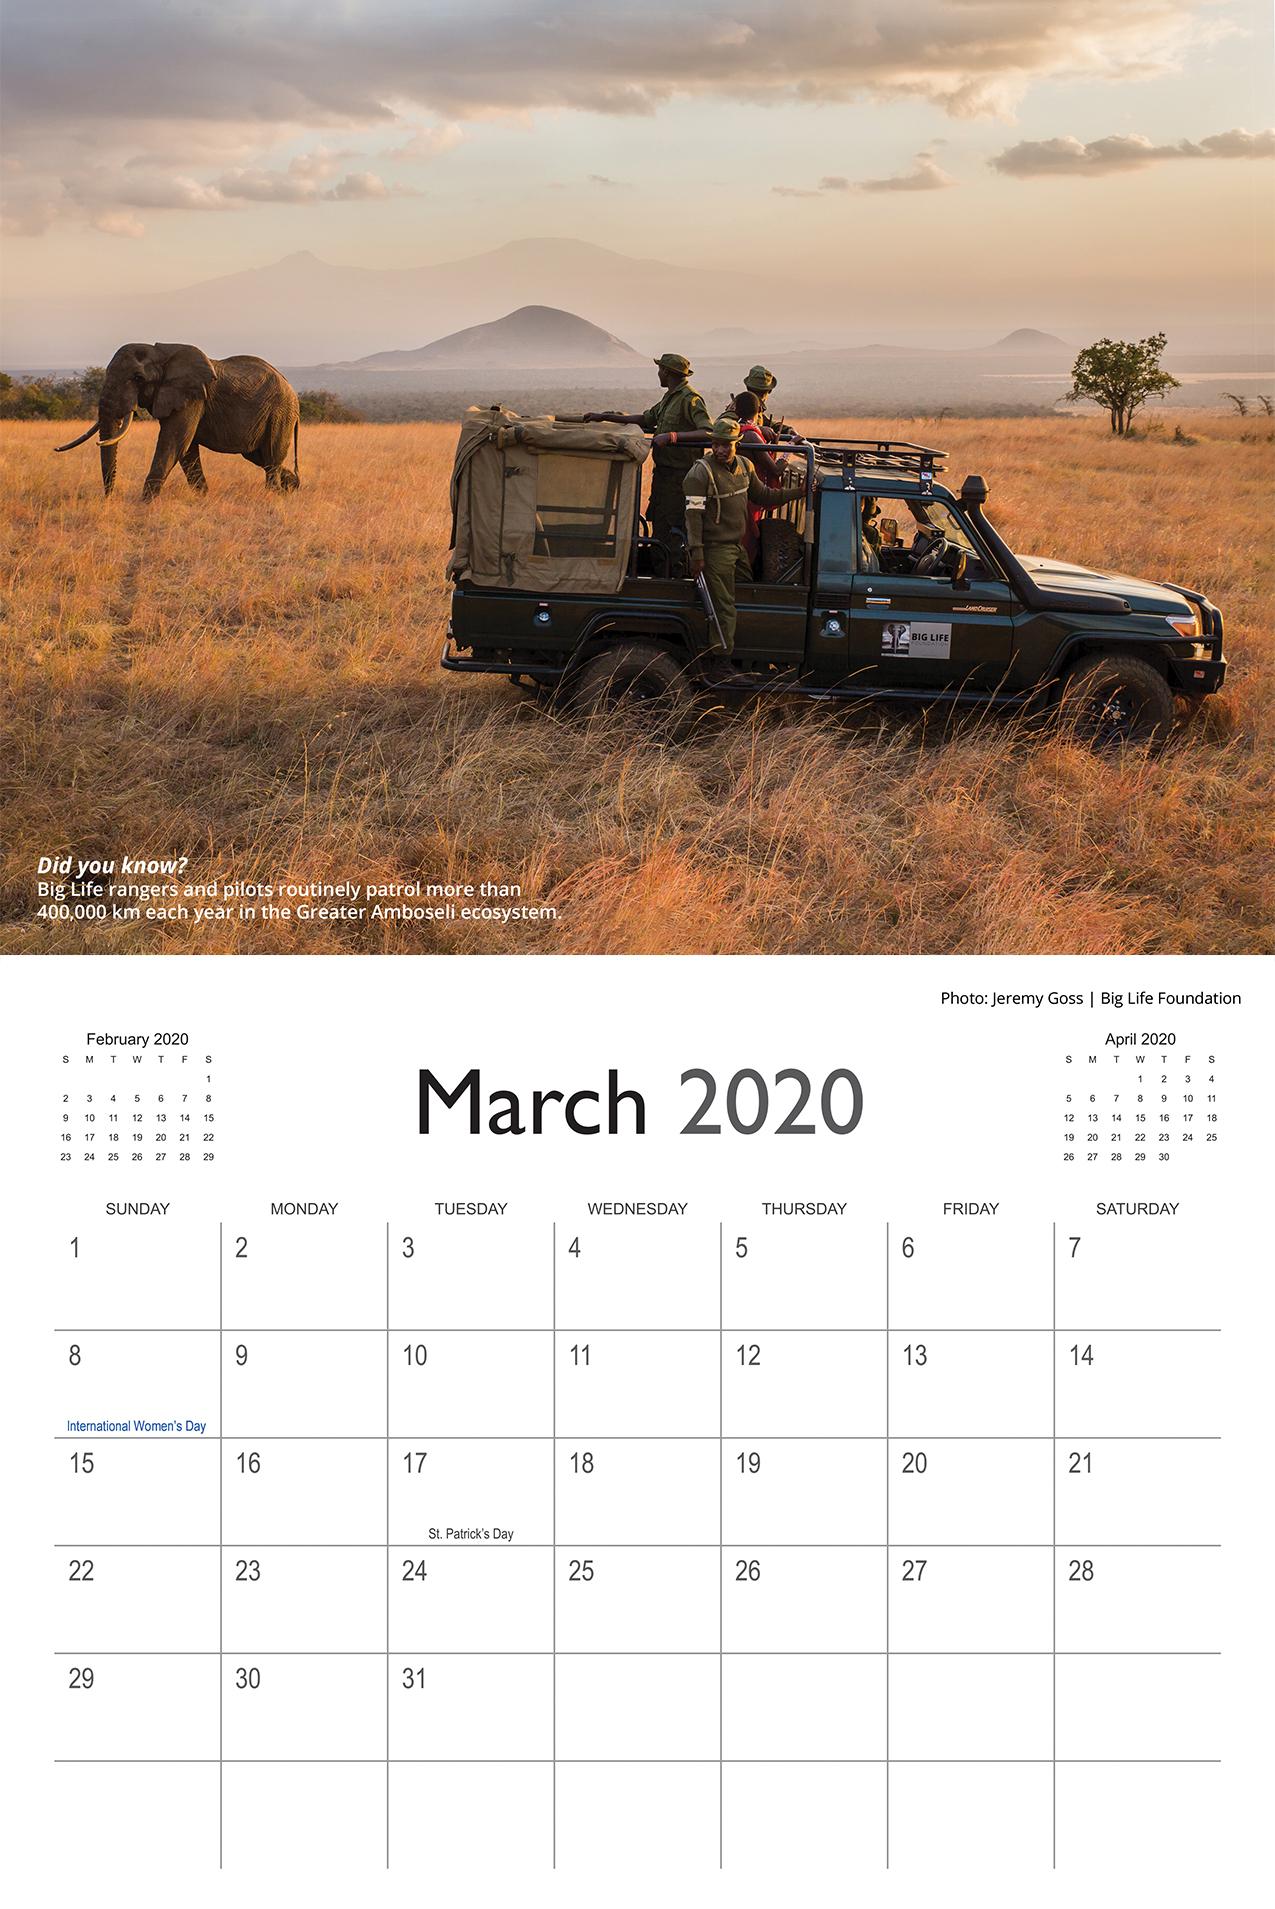 Big Life 2020 Calendar - BL114